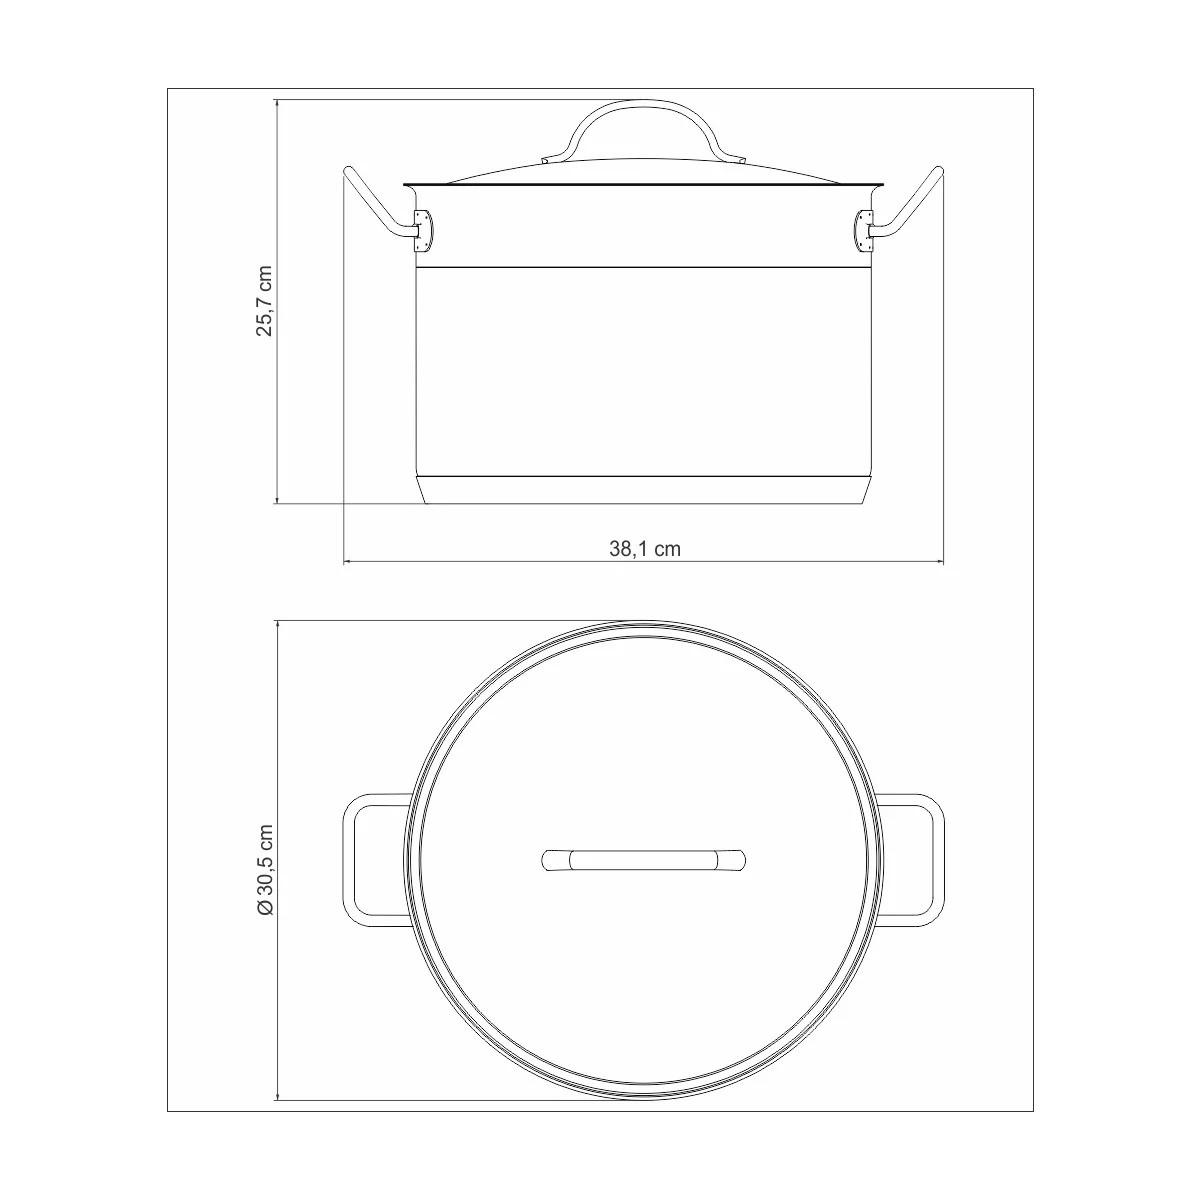 Caldeirão Aço Inox Professional 28cm 11,9L  - Sua Casa Gourmet e Cia